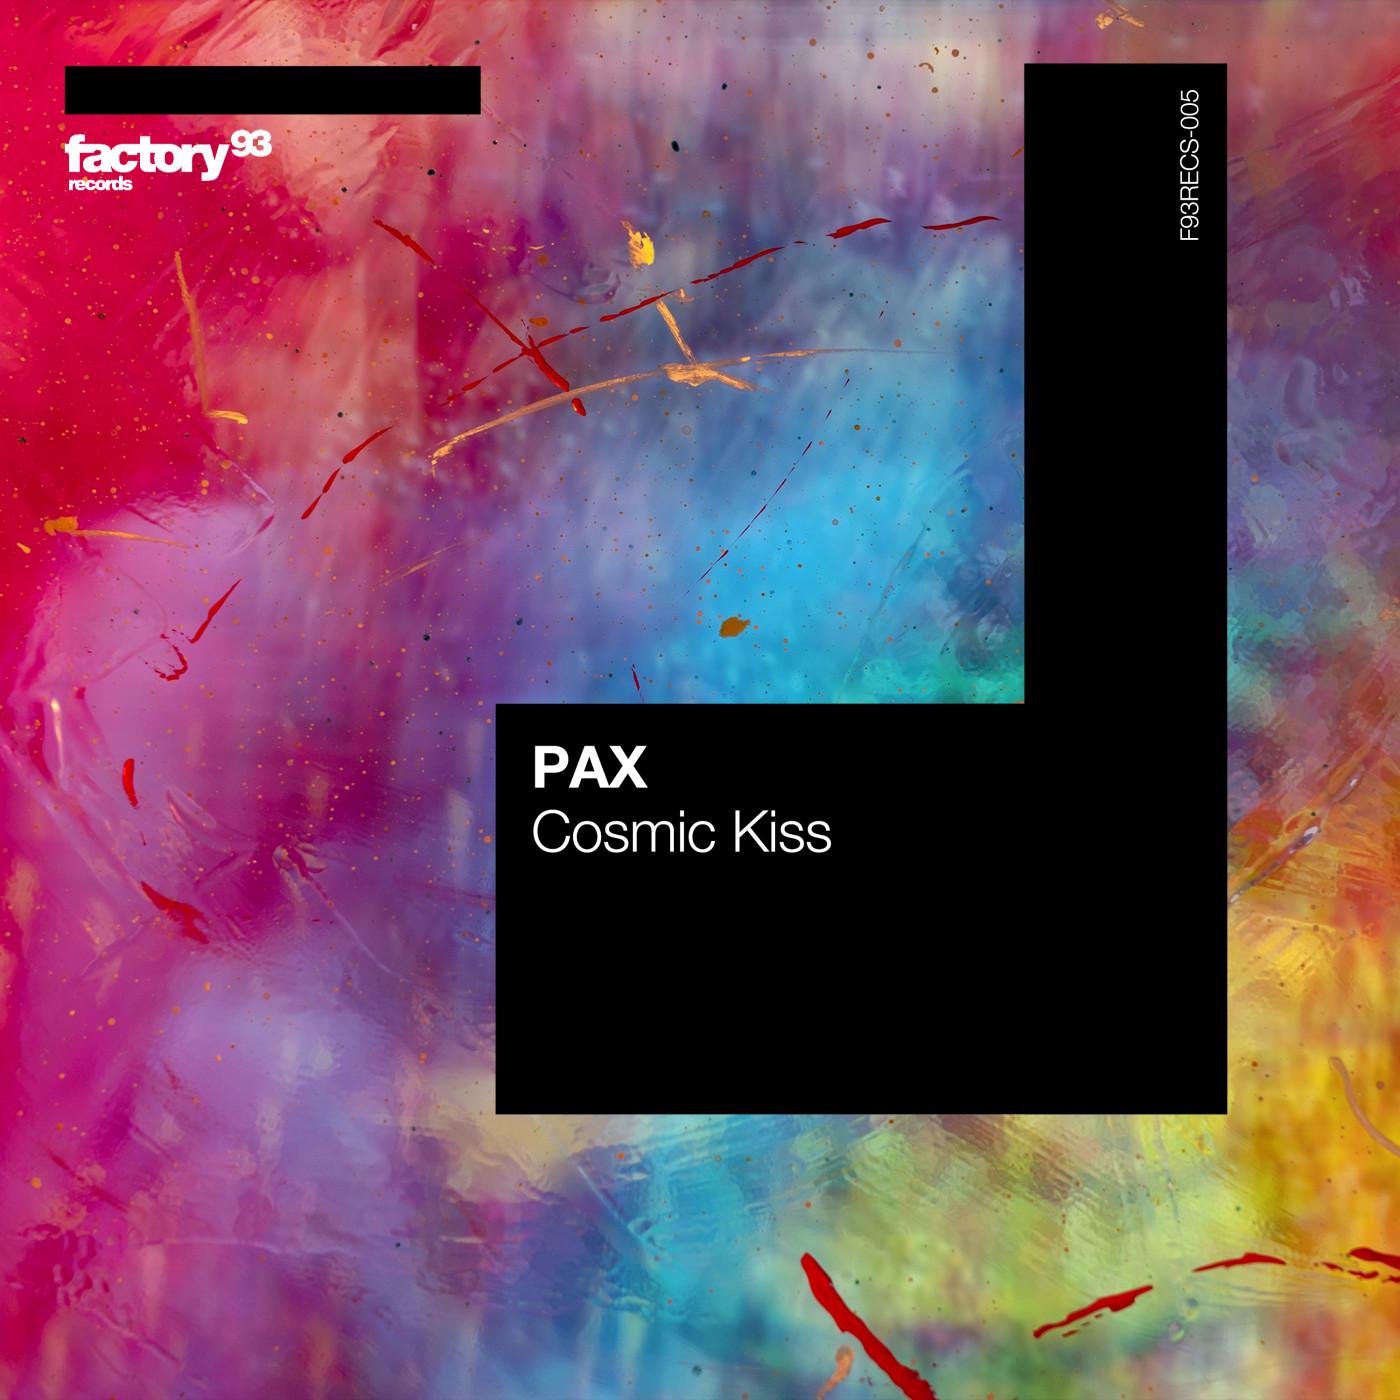 PAX – Cosmic Kiss